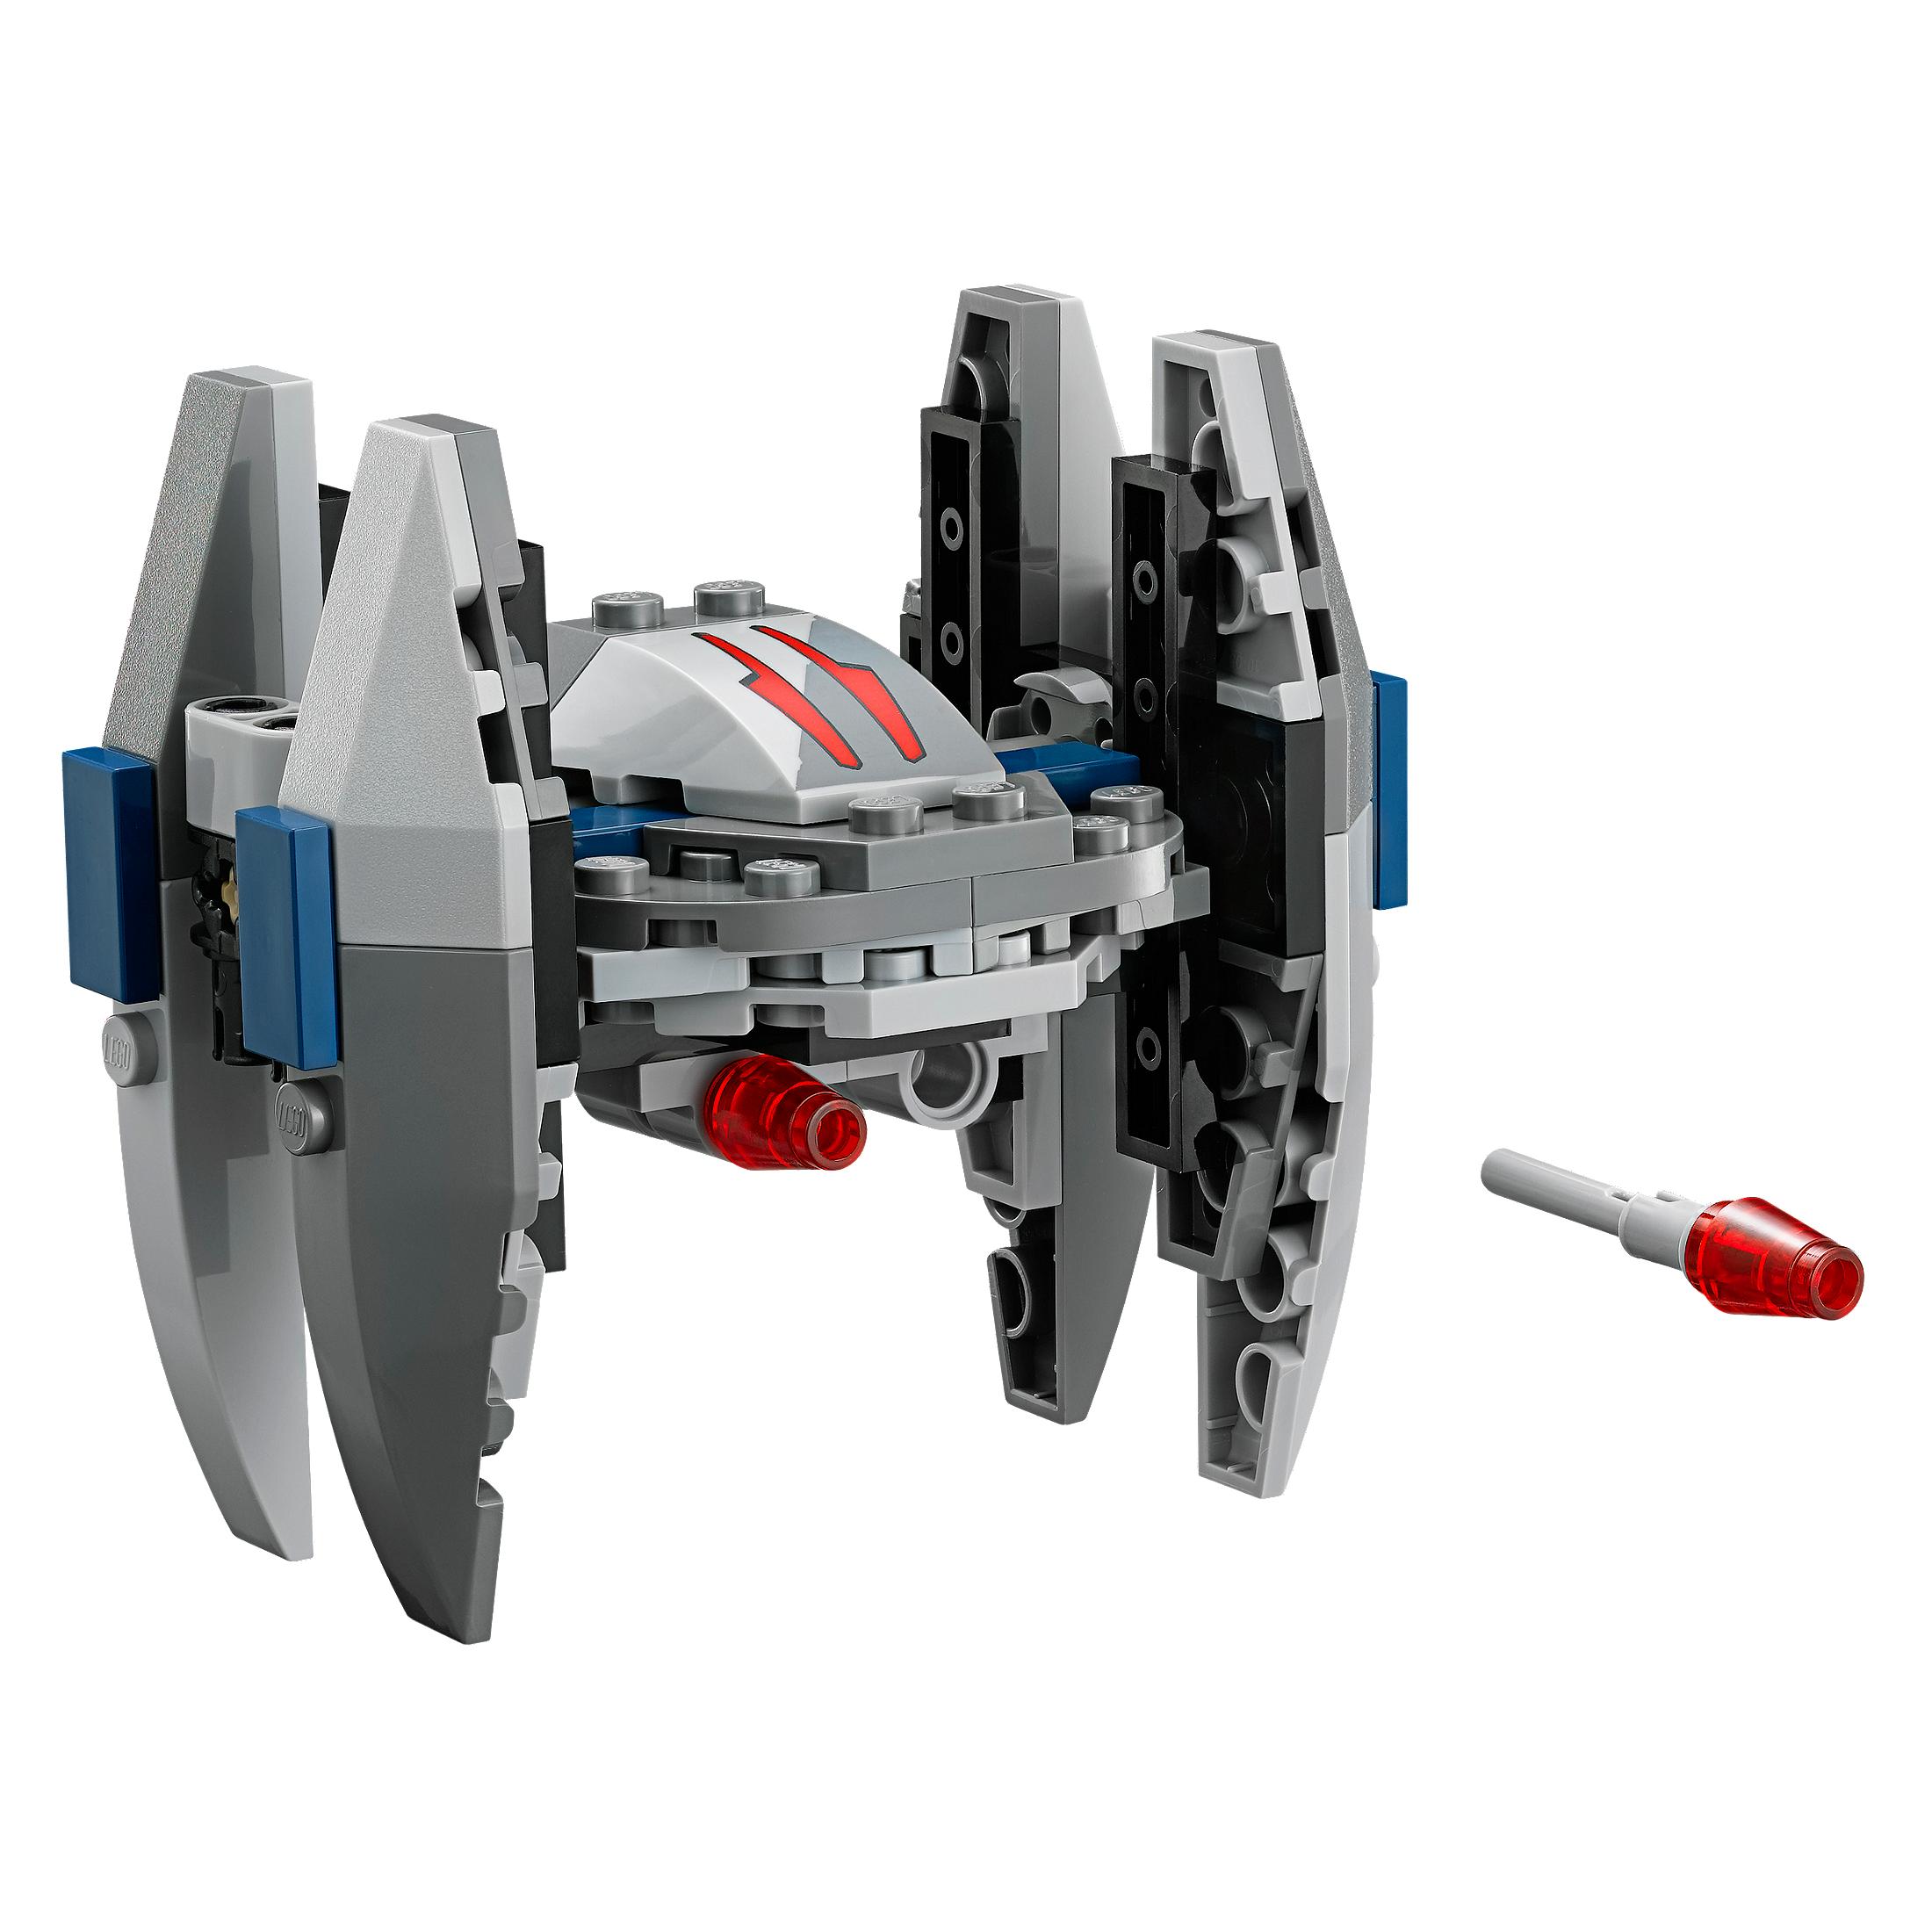 помощью набор лего дроидов паре эпизодов другие